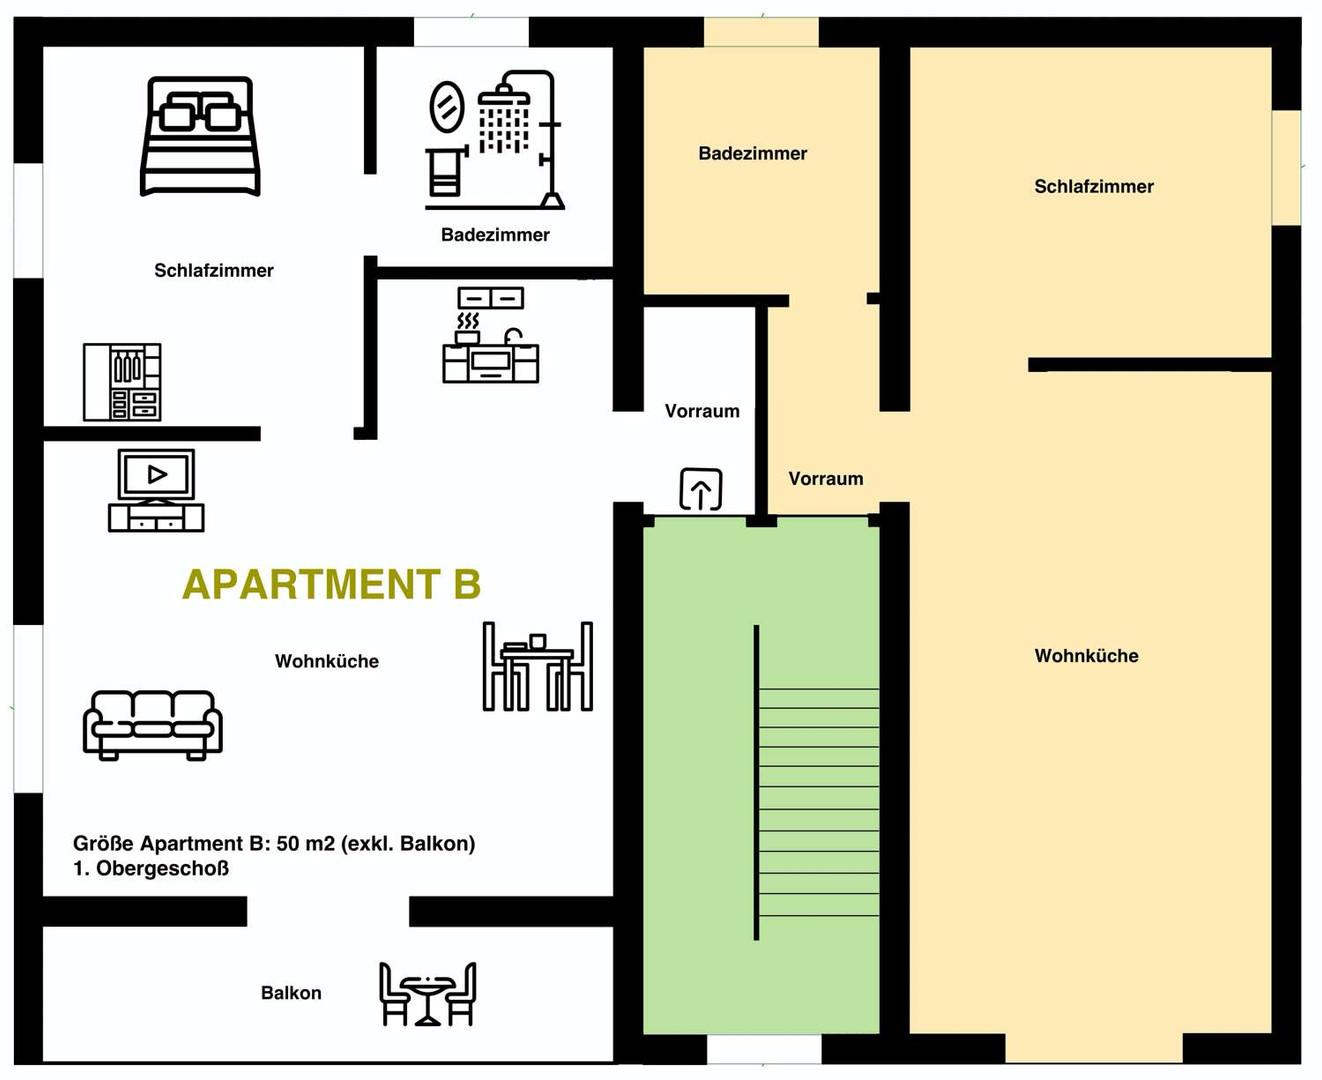 Apartment B 1.Obergeschoß